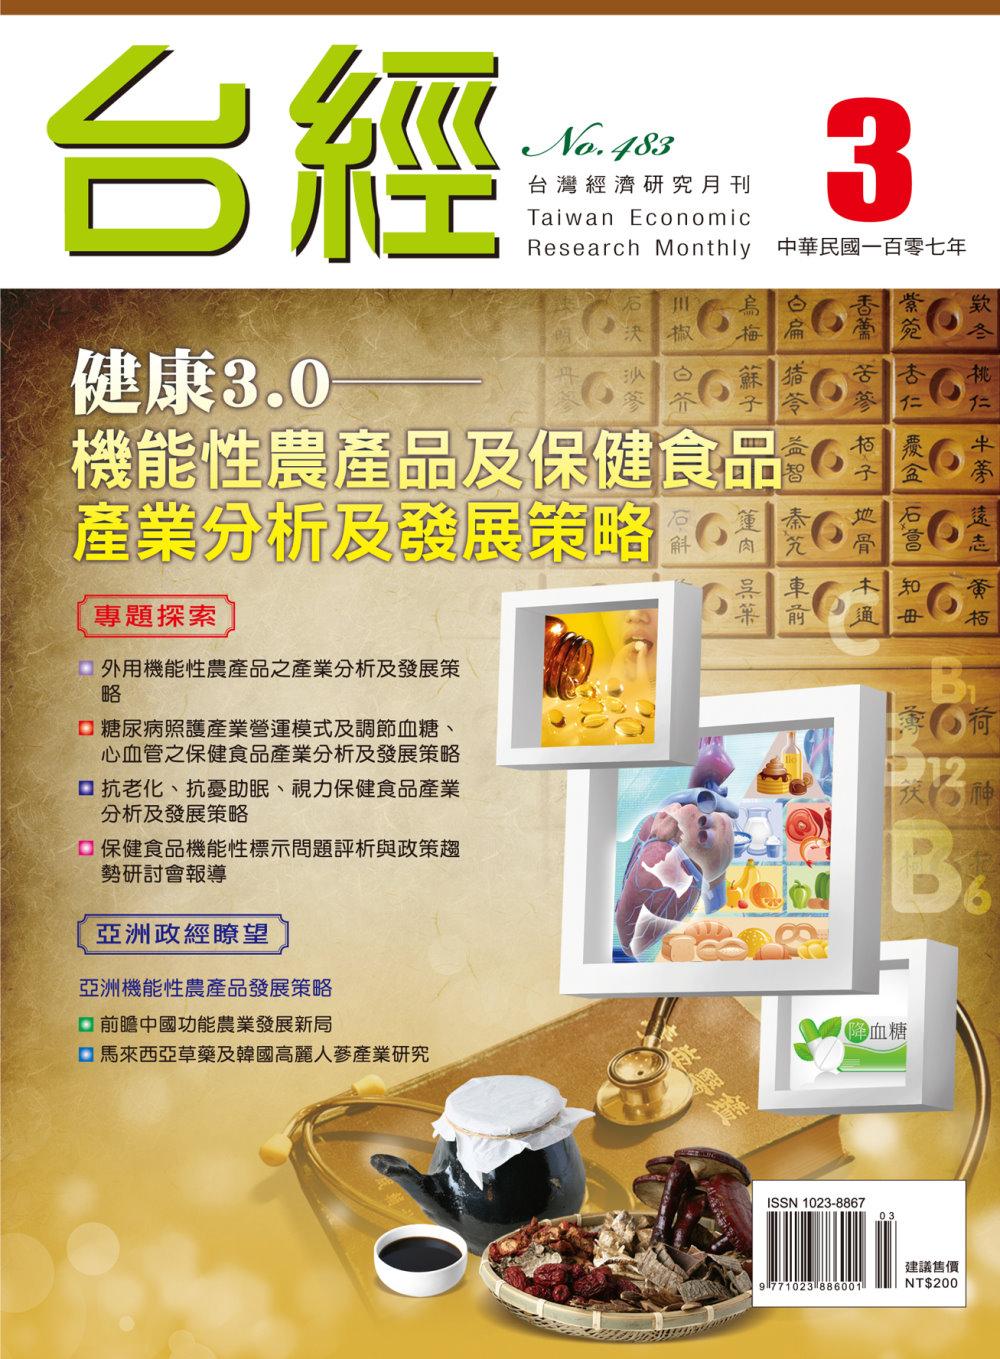 台經月刊 3月號/2018第41卷第3期